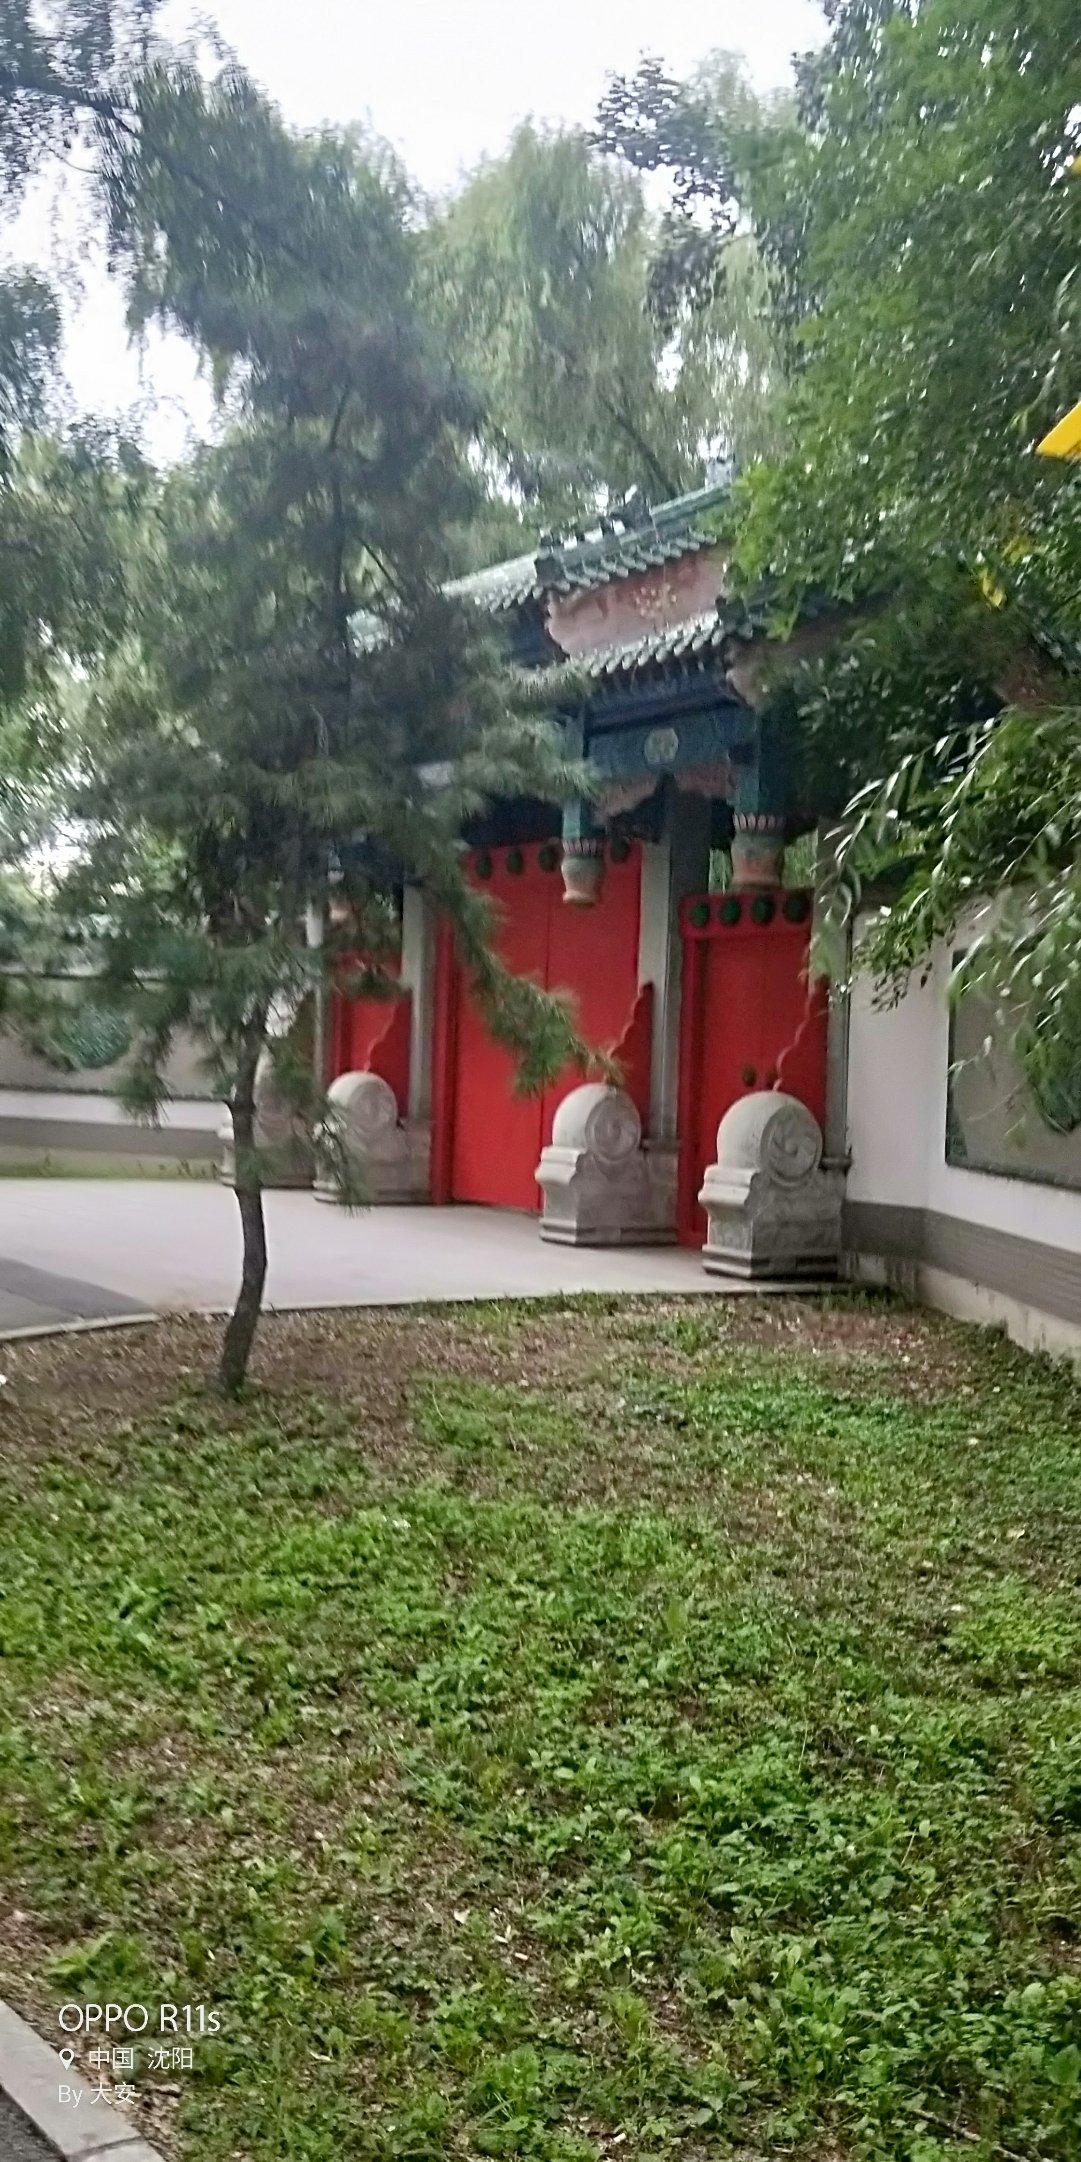 辽宁省沈阳市皇姑区辽河街道北陵公园天气预报